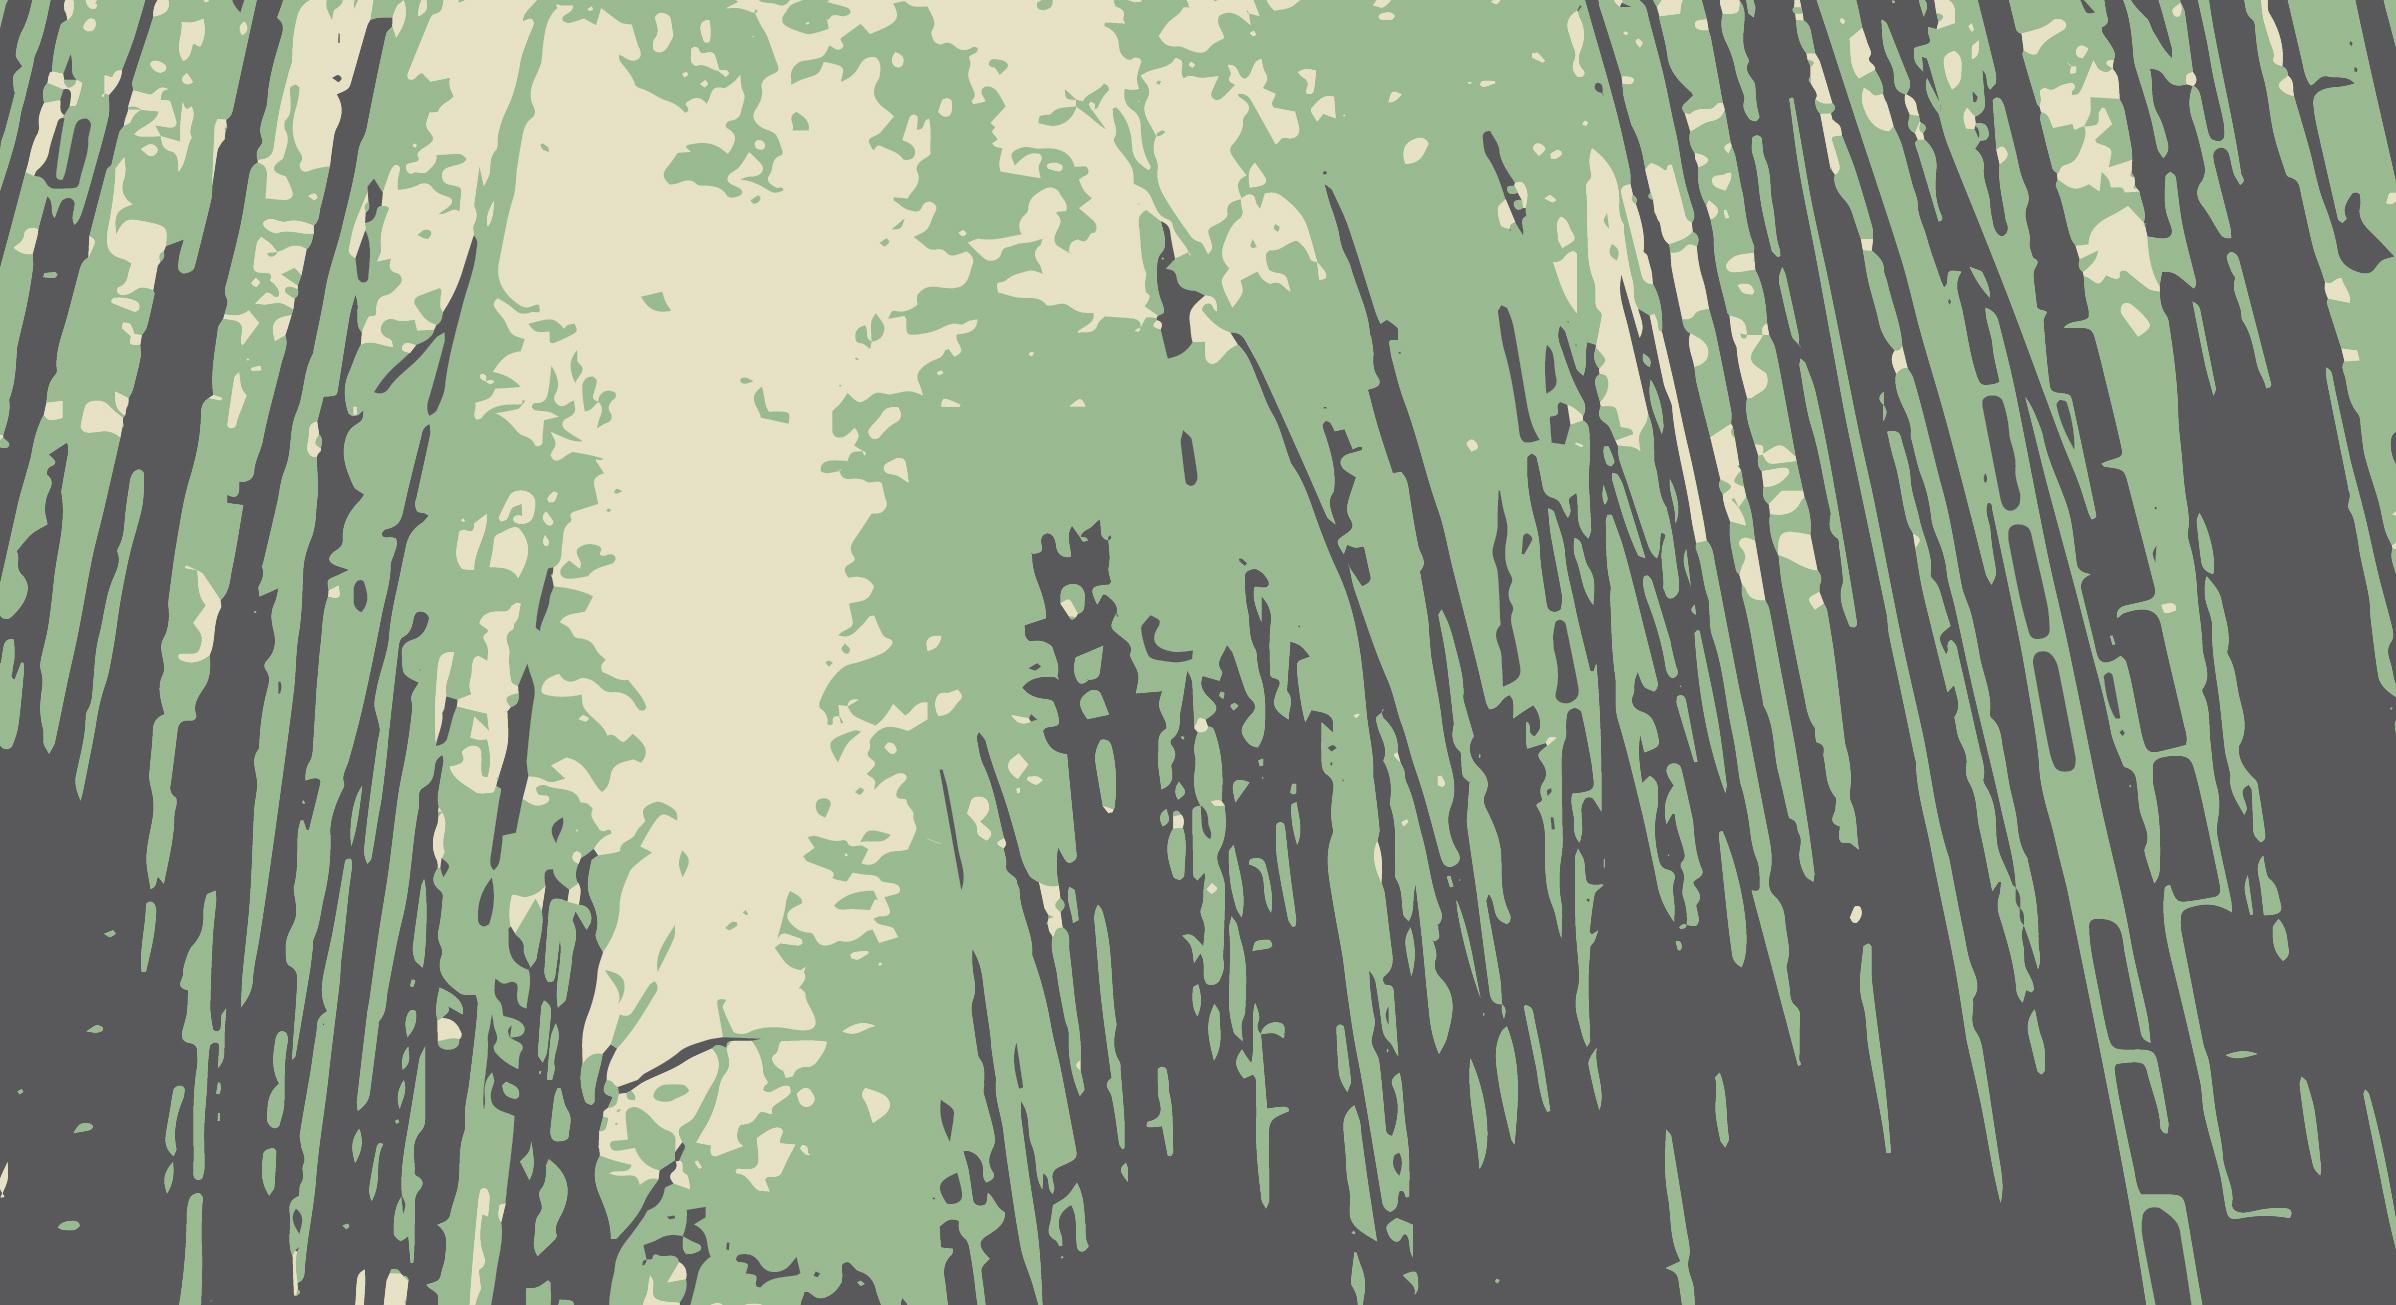 Dentro do Bosque